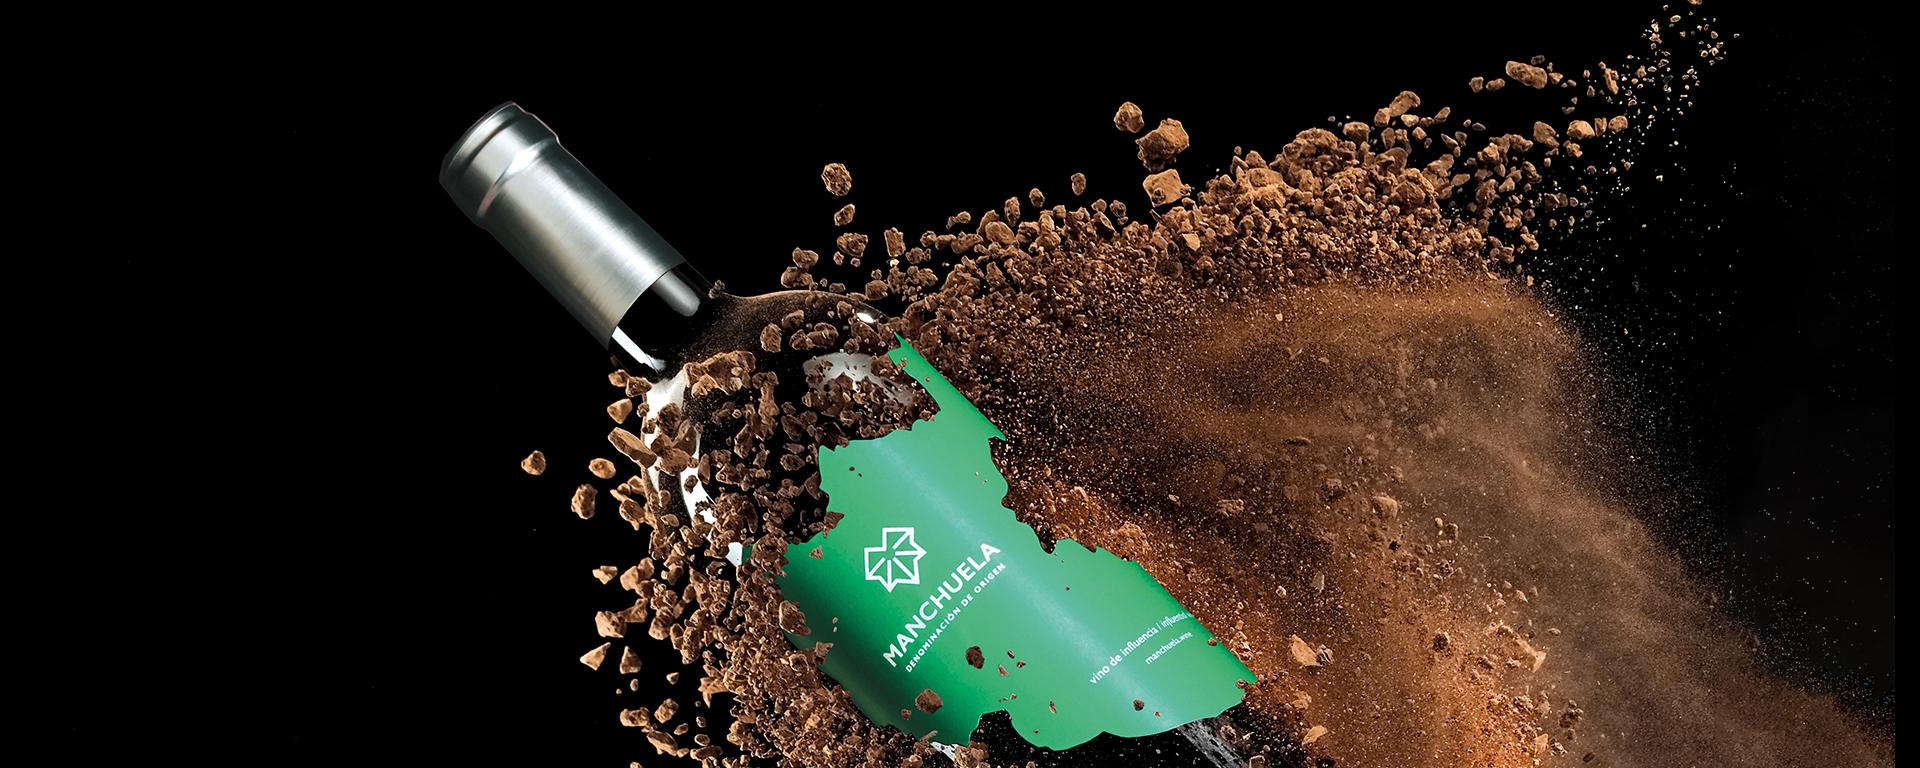 Botella de vino de la Denominación de Origen Manchuela saliendo de la tierra